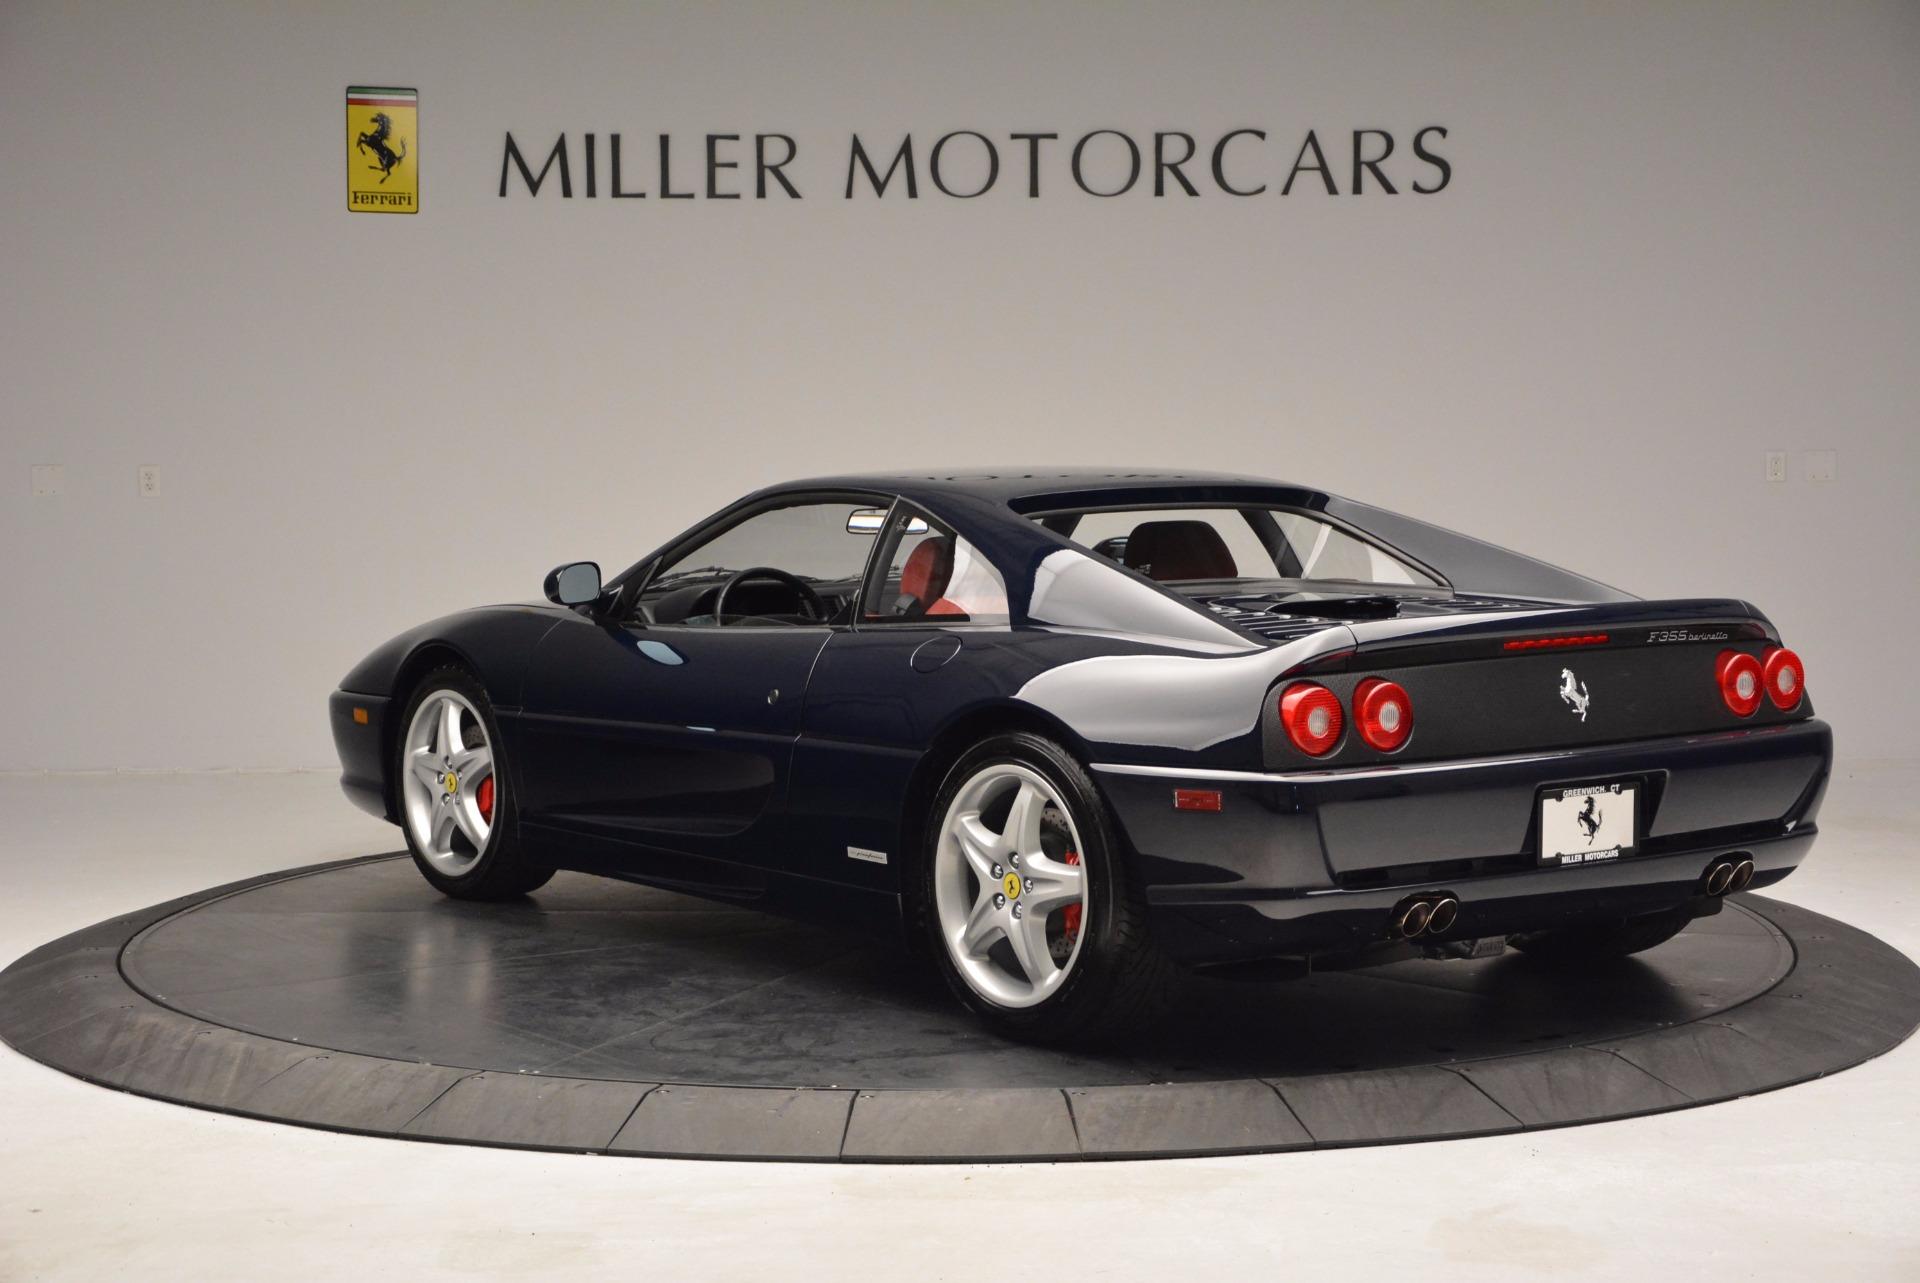 Used 1999 Ferrari 355 Berlinetta For Sale In Greenwich, CT 855_p6